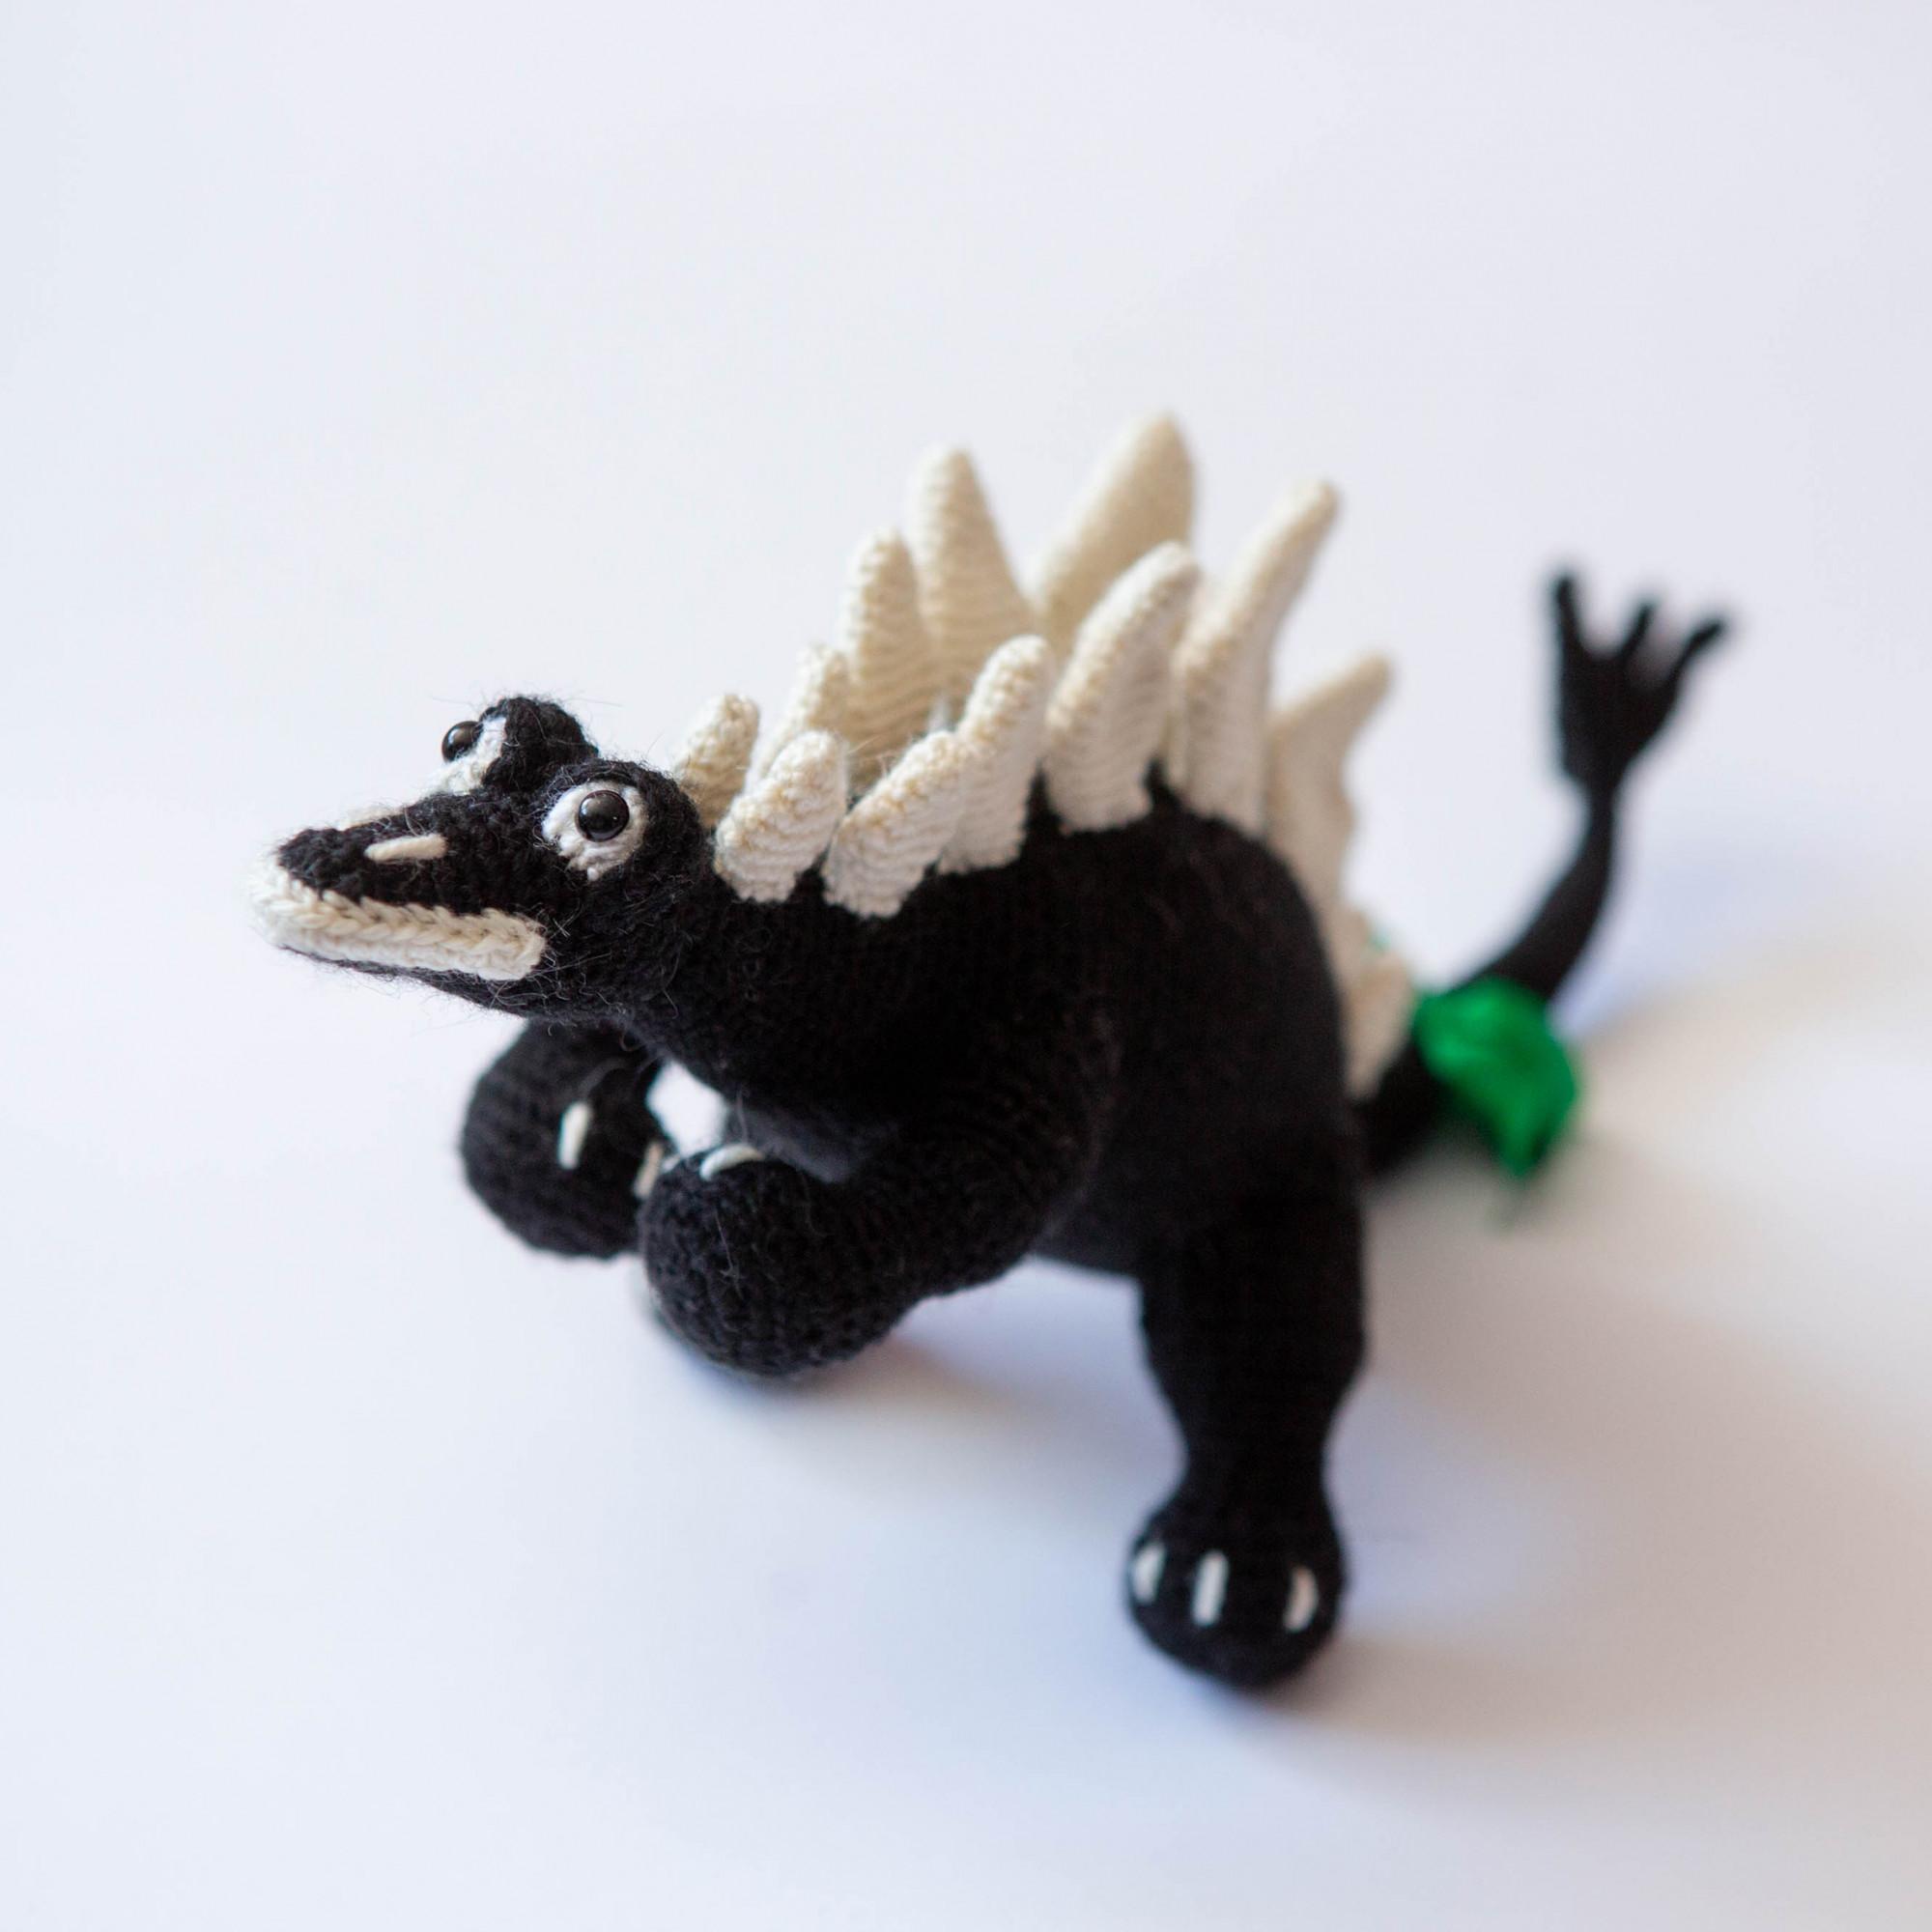 Dinosaur soft toy. Crochet Dinosaur Jurassic Park